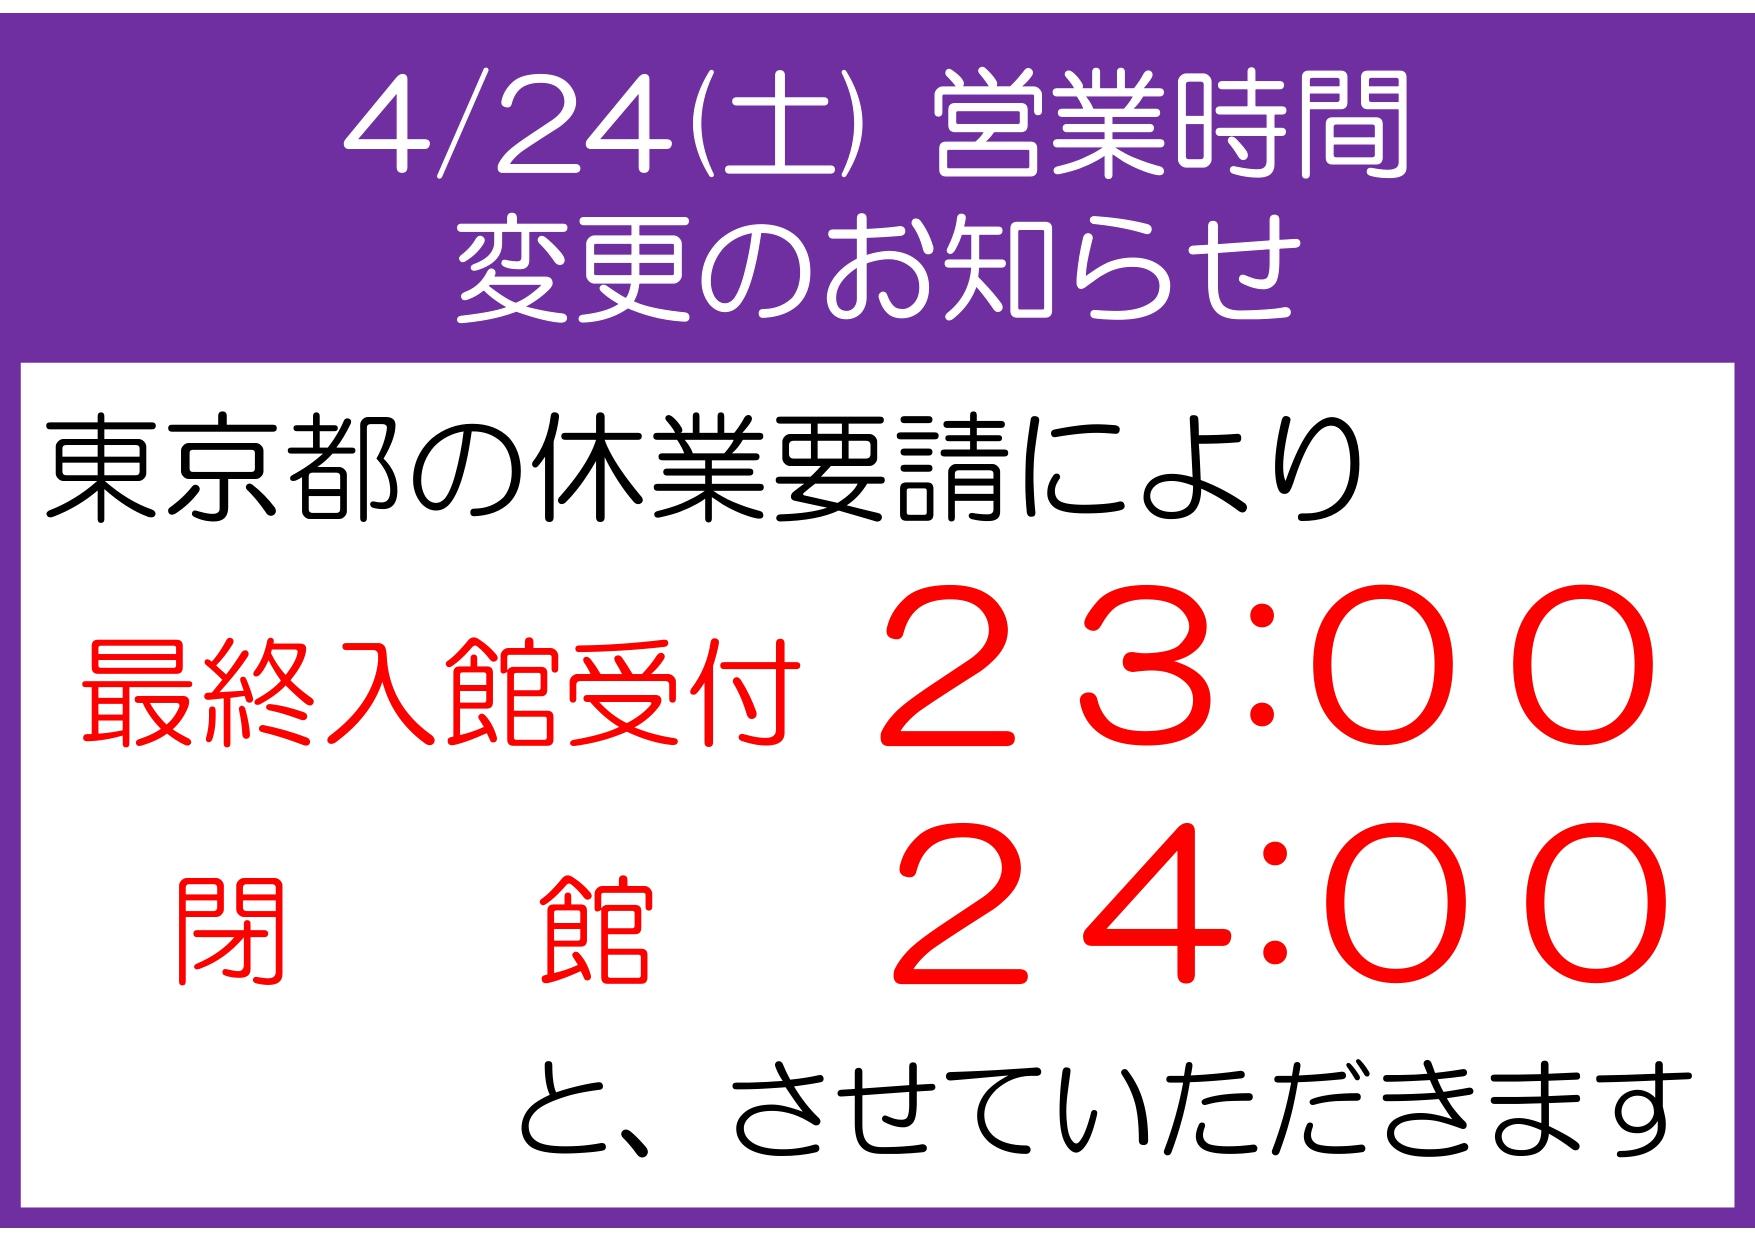 営業時間変更のお知らせ(4/24 23時最終入館受付、24時閉館)